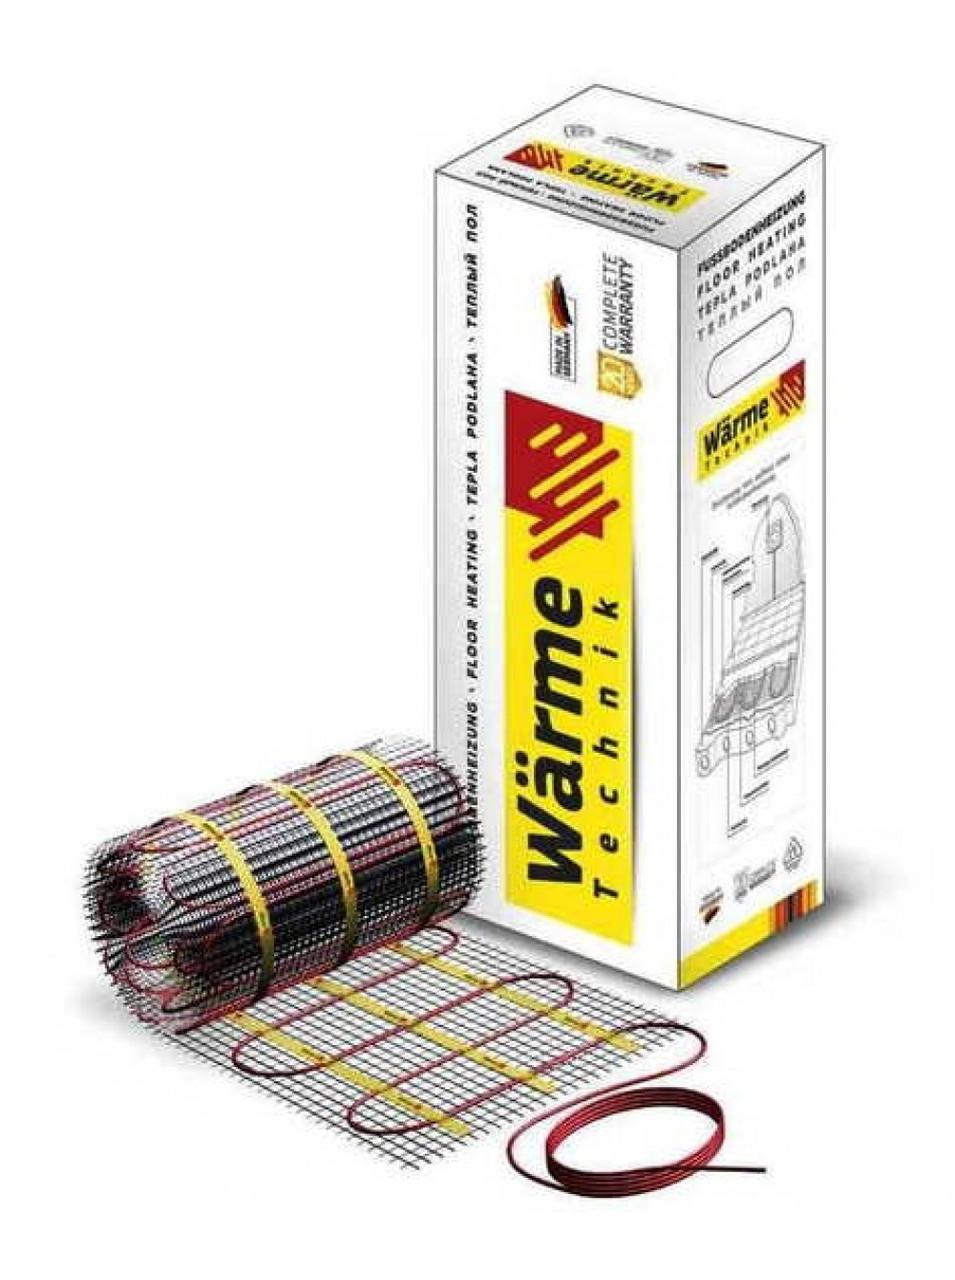 Нагревательный мат Wärme Twin mat   1.5 м²  225 W